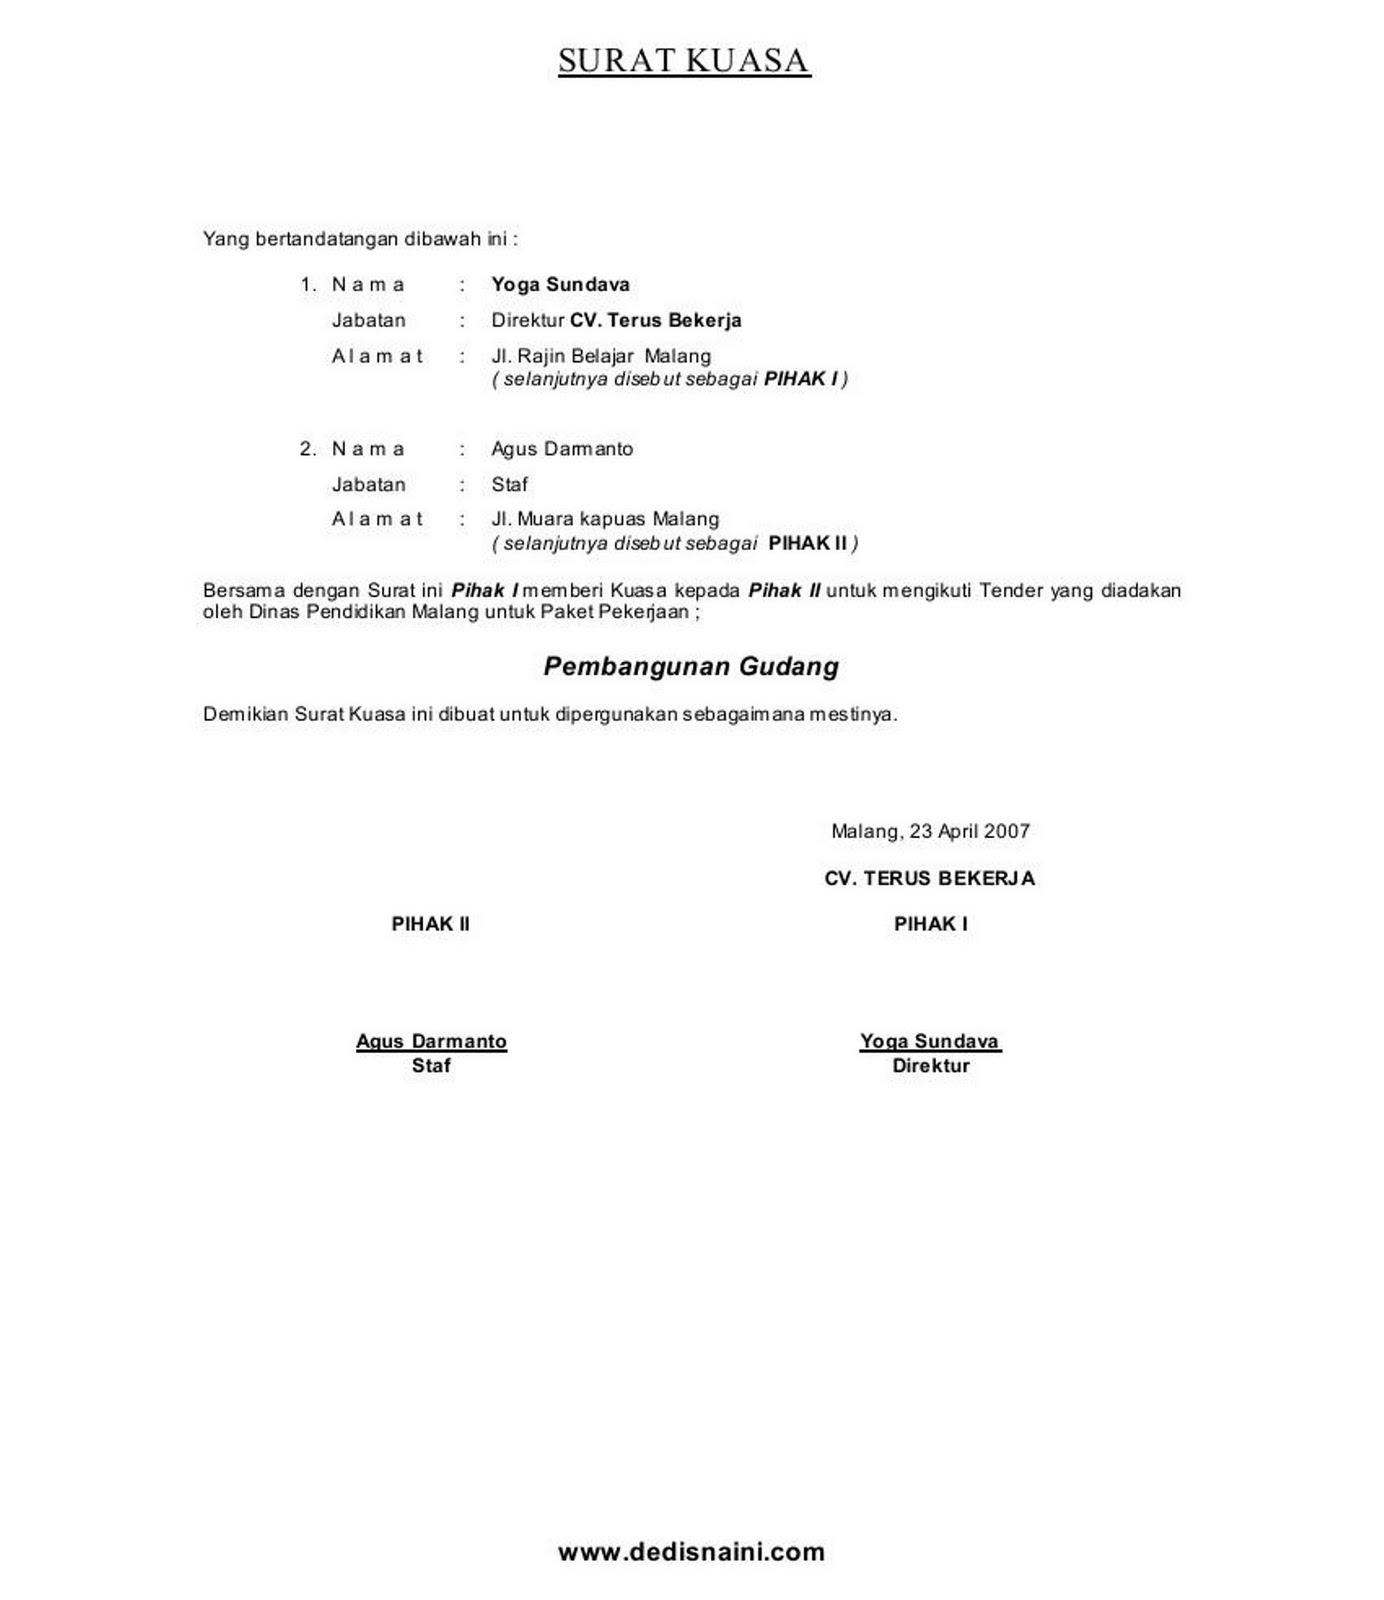 Contoh Surat Kuasa Semua Jenis Sc